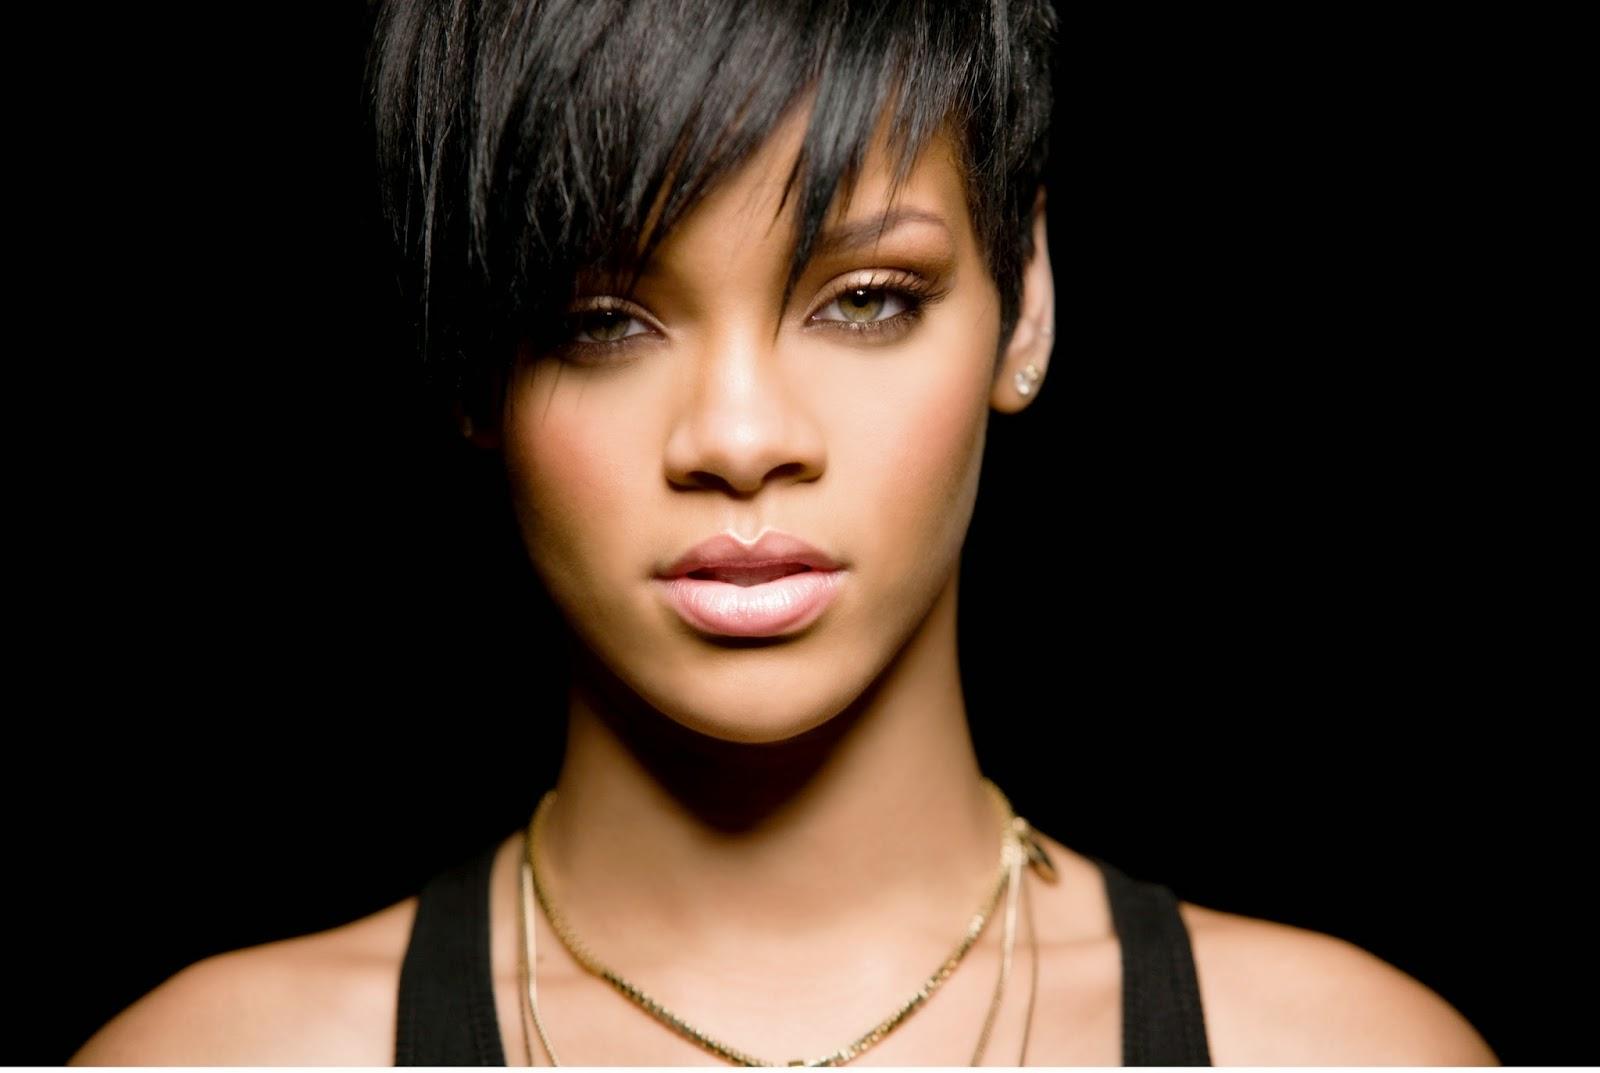 Rihanna Best Of Videos, 20 Videos